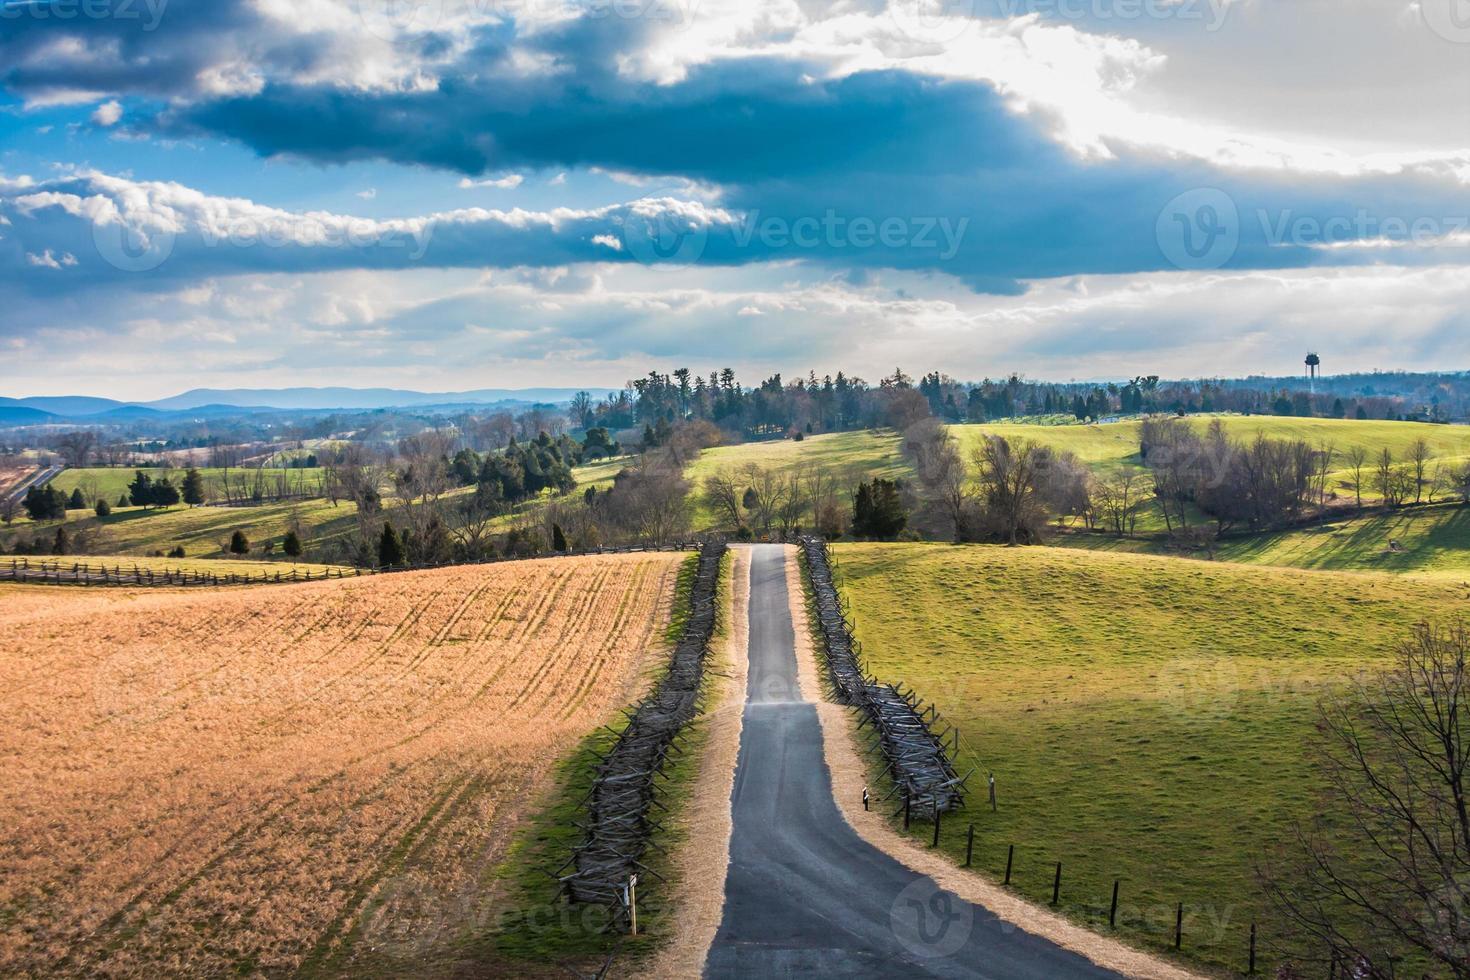 paisagem rural antietam com nuvens dramáticas foto